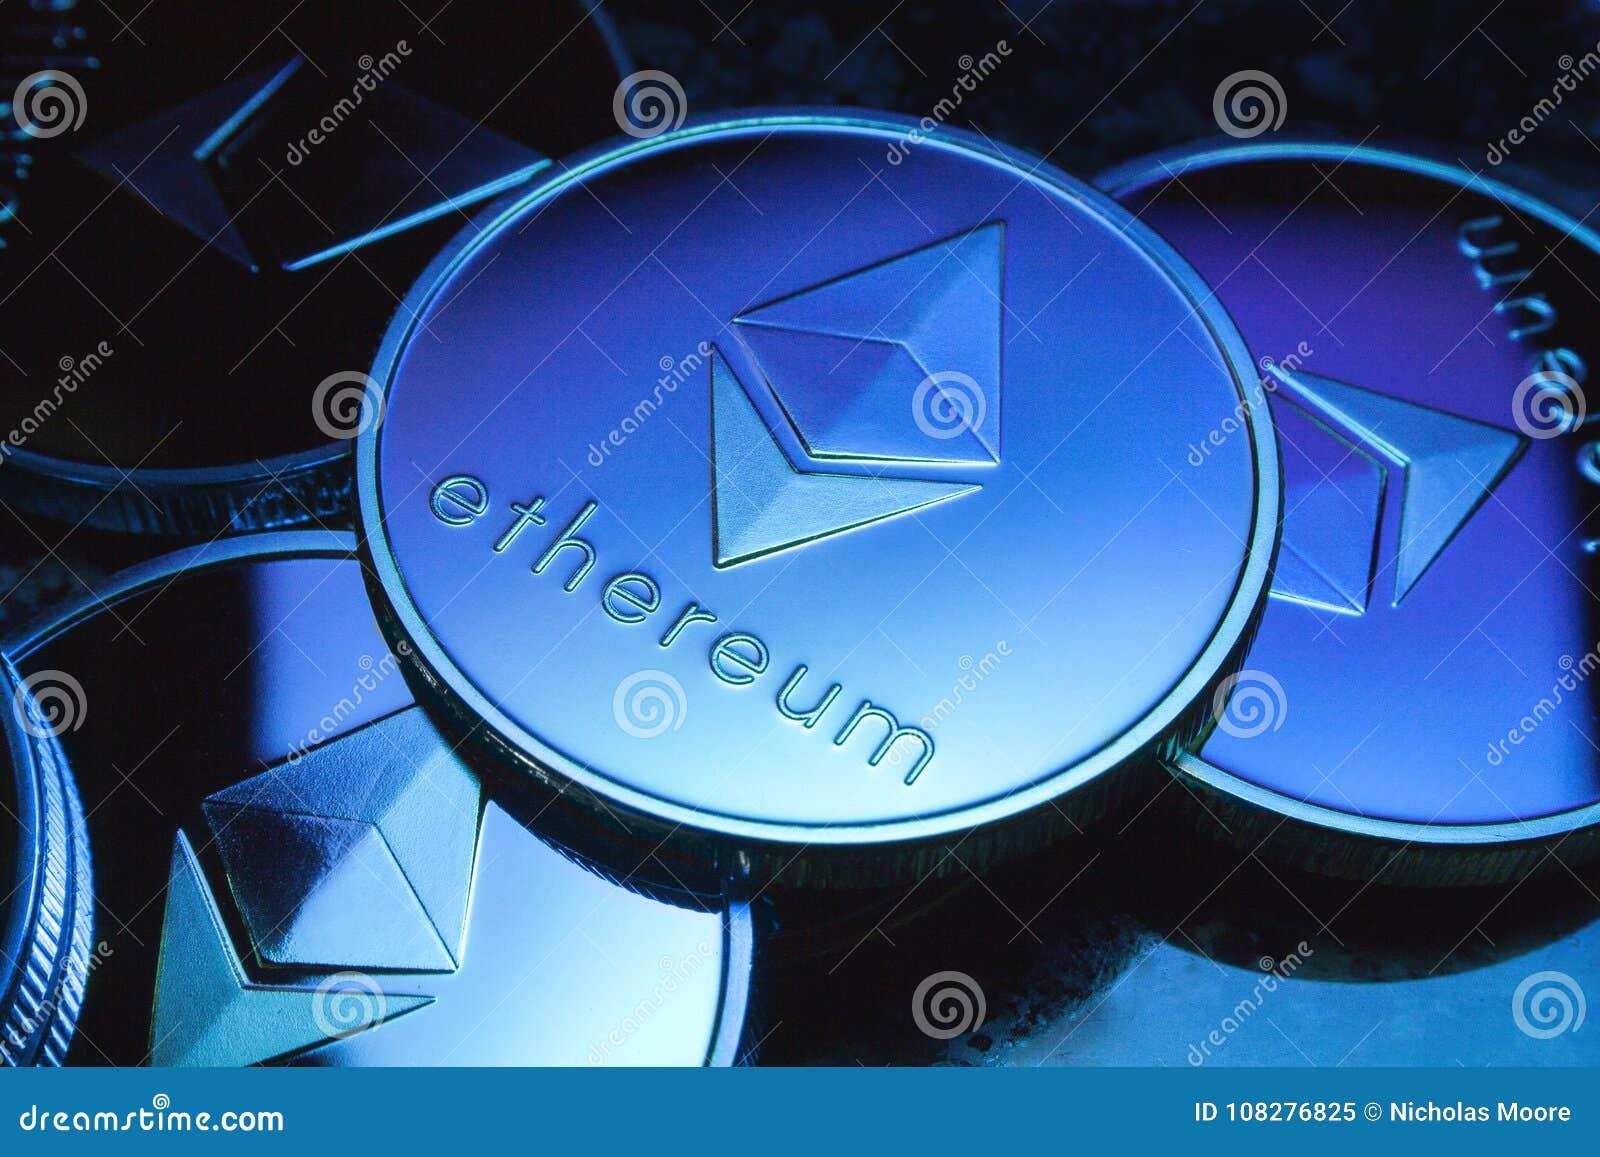 Ethereum mynt med blåtttonen